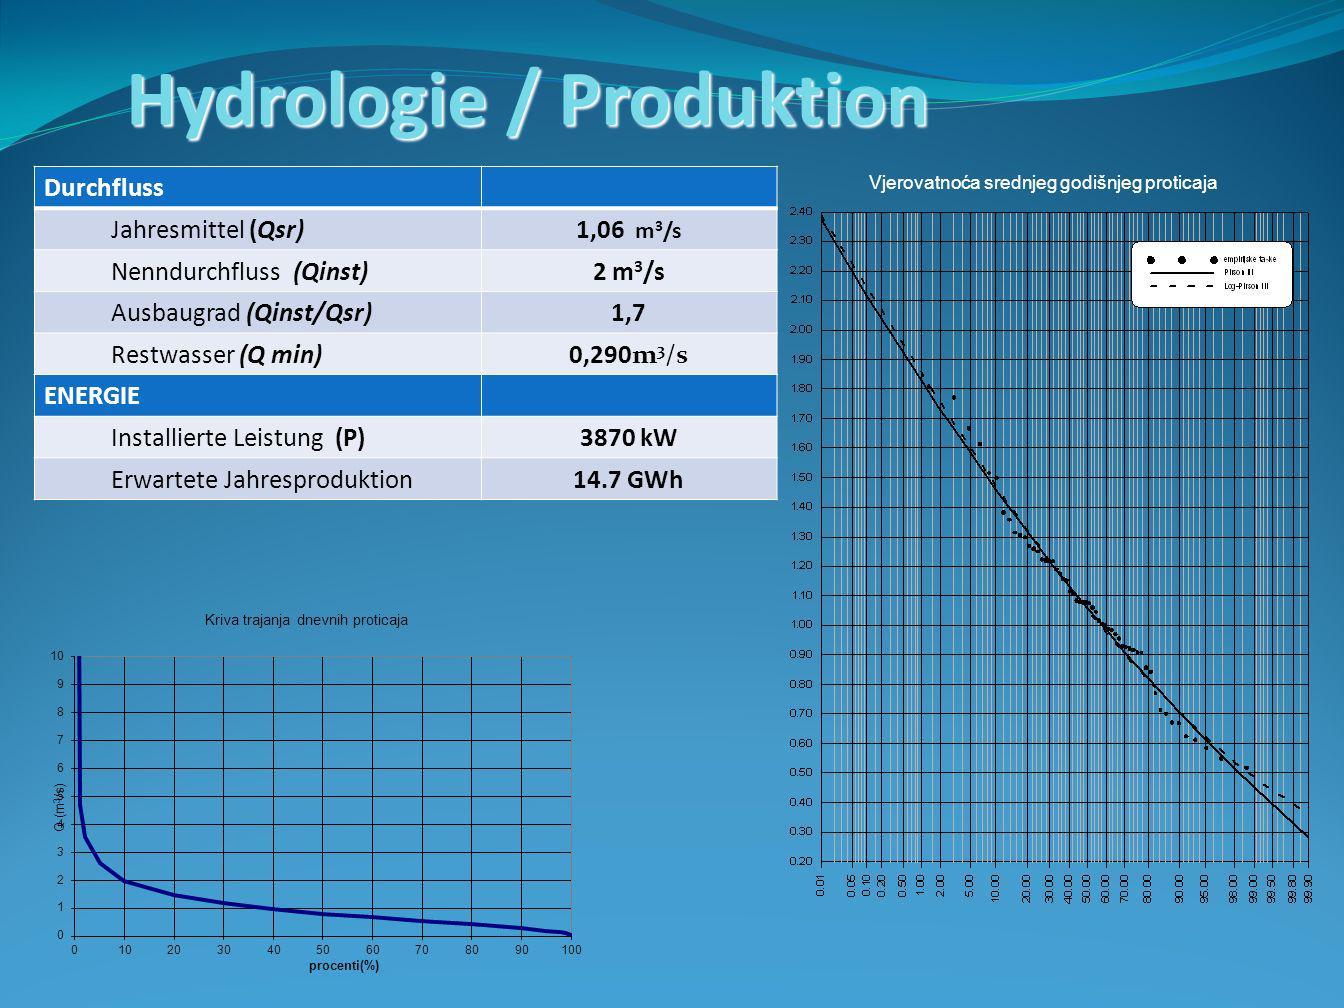 Durchfluss Jahresmittel (Qsr)1,06 m 3 /s Nenndurchfluss (Qinst)2 m 3 /s Ausbaugrad (Qinst/Qsr)1,7 Restwasser (Q min)0,290m 3 /s ENERGIE Installierte Leistung (P)3870 kW Erwartete Jahresproduktion14.7 GWh Vjerovatnoća srednjeg godišnjeg proticaja Hydrologie / Produktion